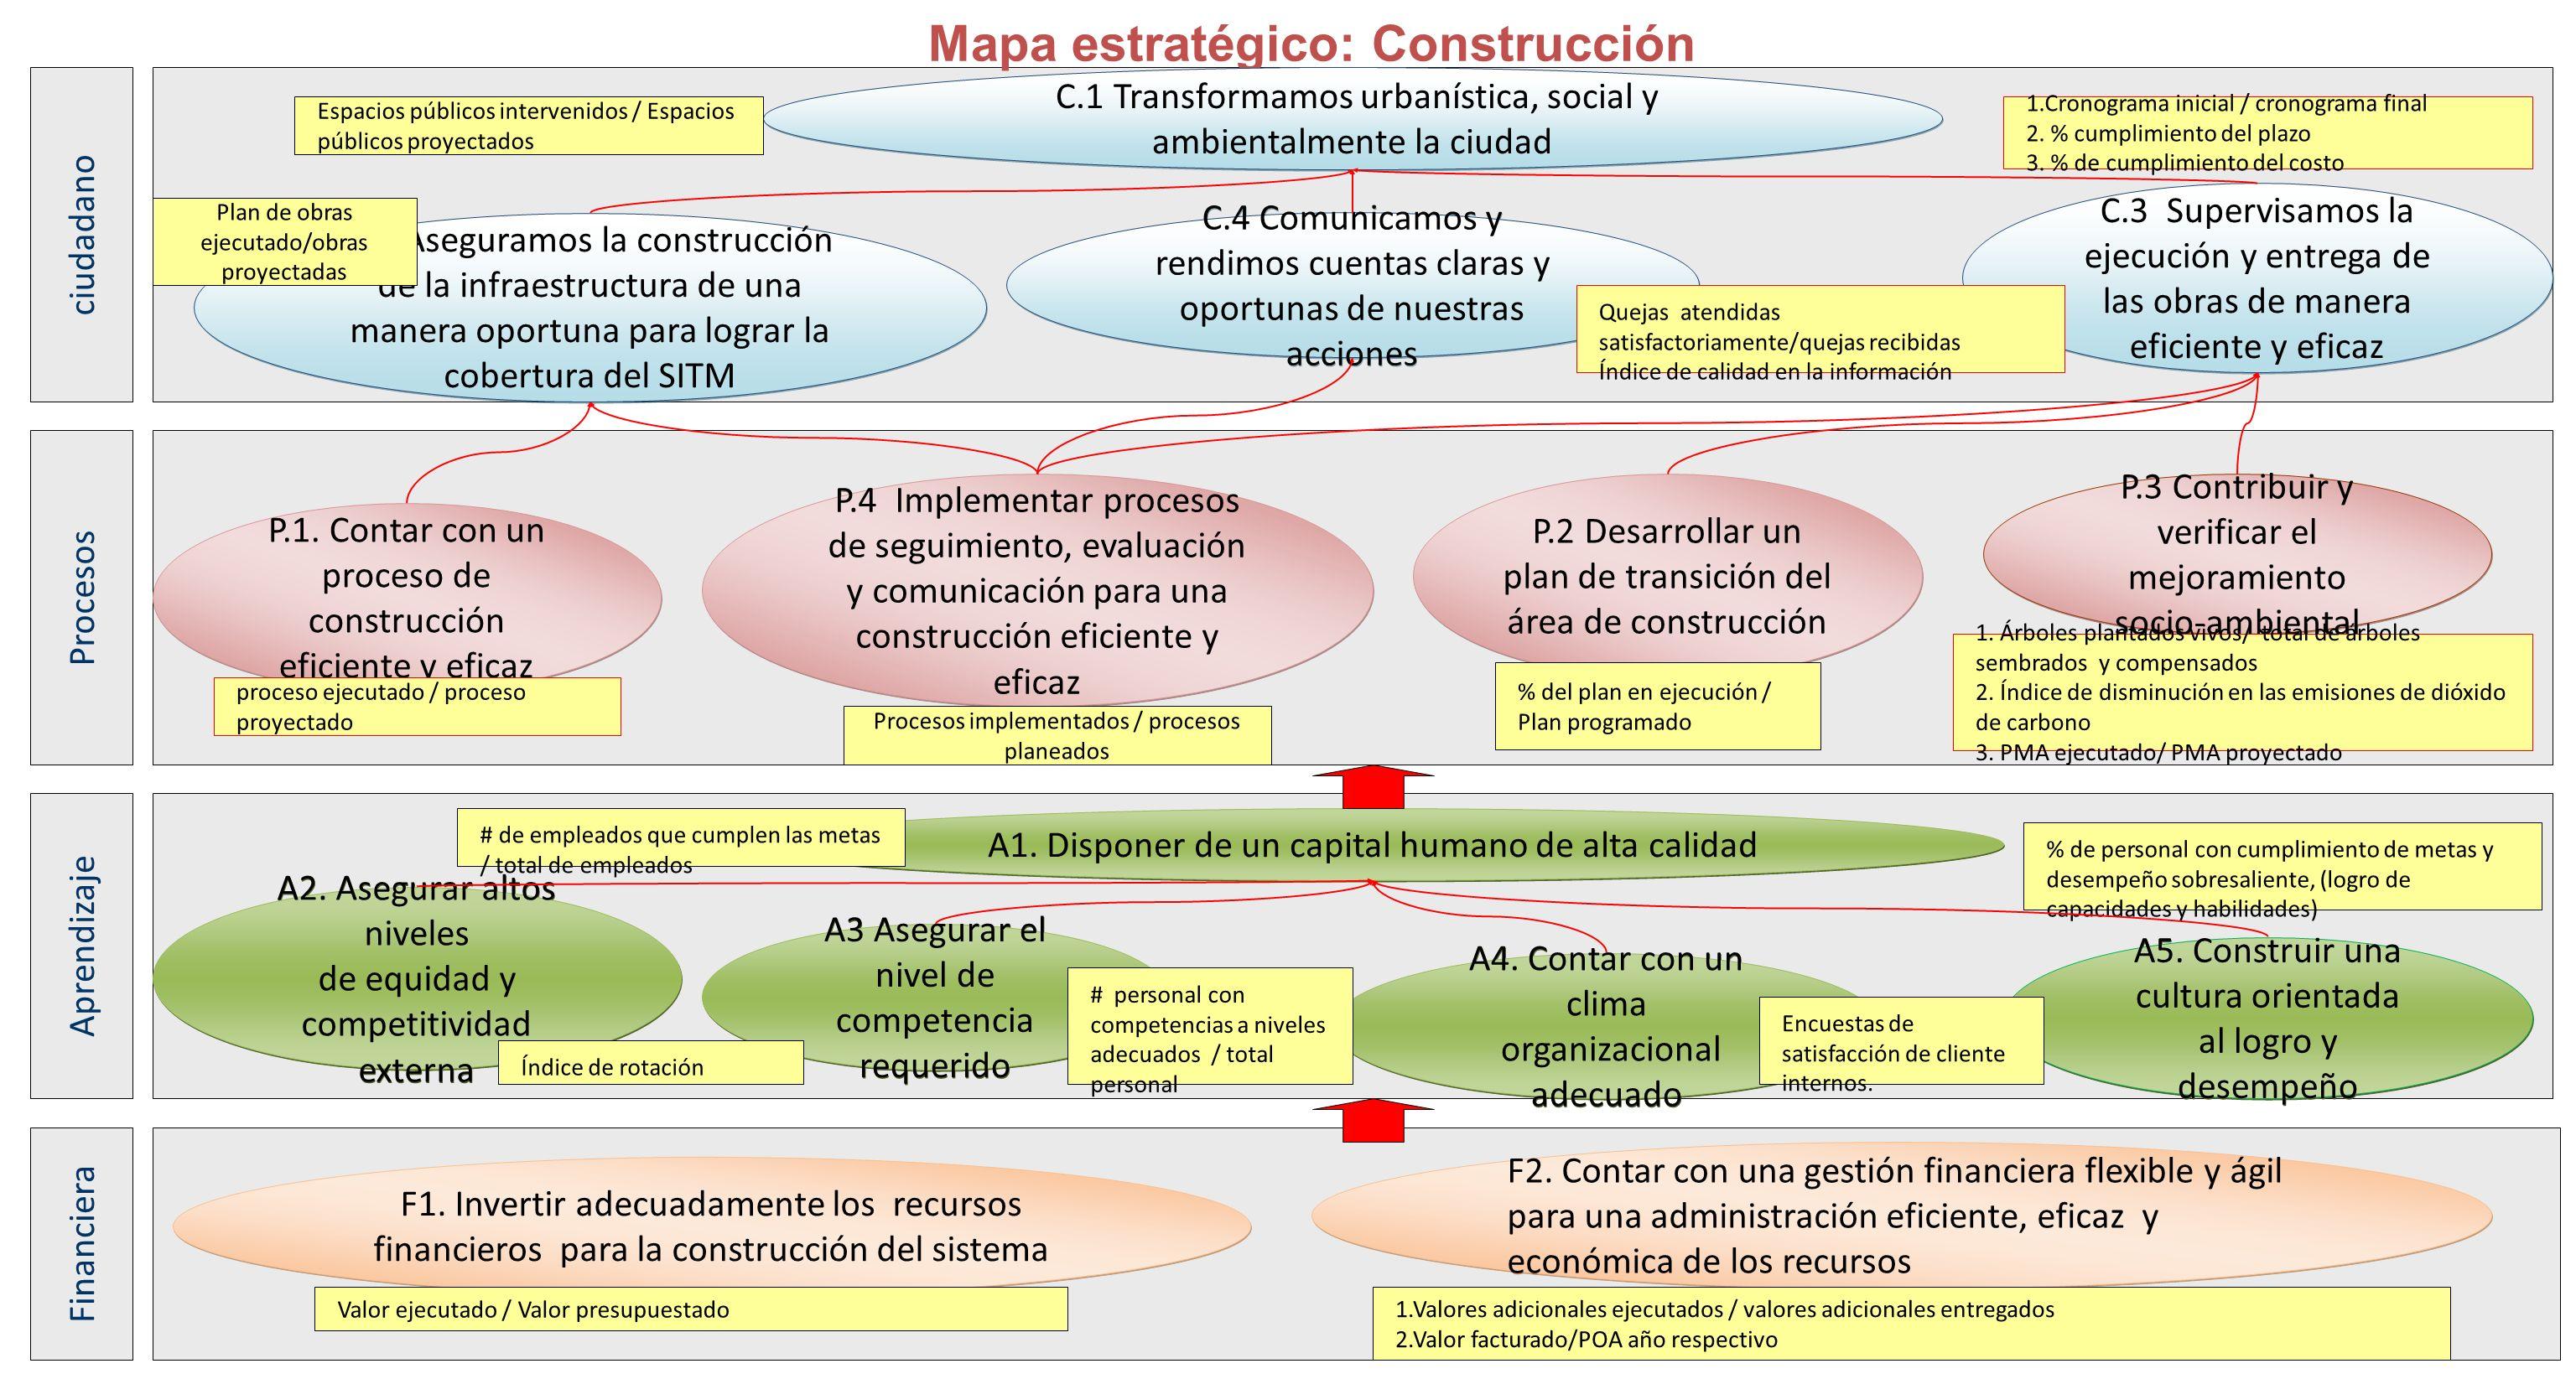 MACROPROCESO DE CONVIVENCIA Y SEGURIDAD MANEJO INTEGRAL DEL RIESGO Y ATENCION DE DESASTRES CONVIVENCIA Y FORTALECIMIENTO SOCIAL CONTROL Y MANTENIMIENTO DEL ORDEN PUBLICO GESTION DEL TRANSITO Y TRANSPORTE MACROPROCESO DE CONVIVENCIA Y SEGURIDAD Objetivo: Promover la solidaridad social, la apropiación, el respeto y la vigilancia de los deberes ciudadanos y los derechos humanos para el fortalecimiento de la convivencia pacífica, seguridad y la paz de los habitantes del municipio de Santiago de Cali.